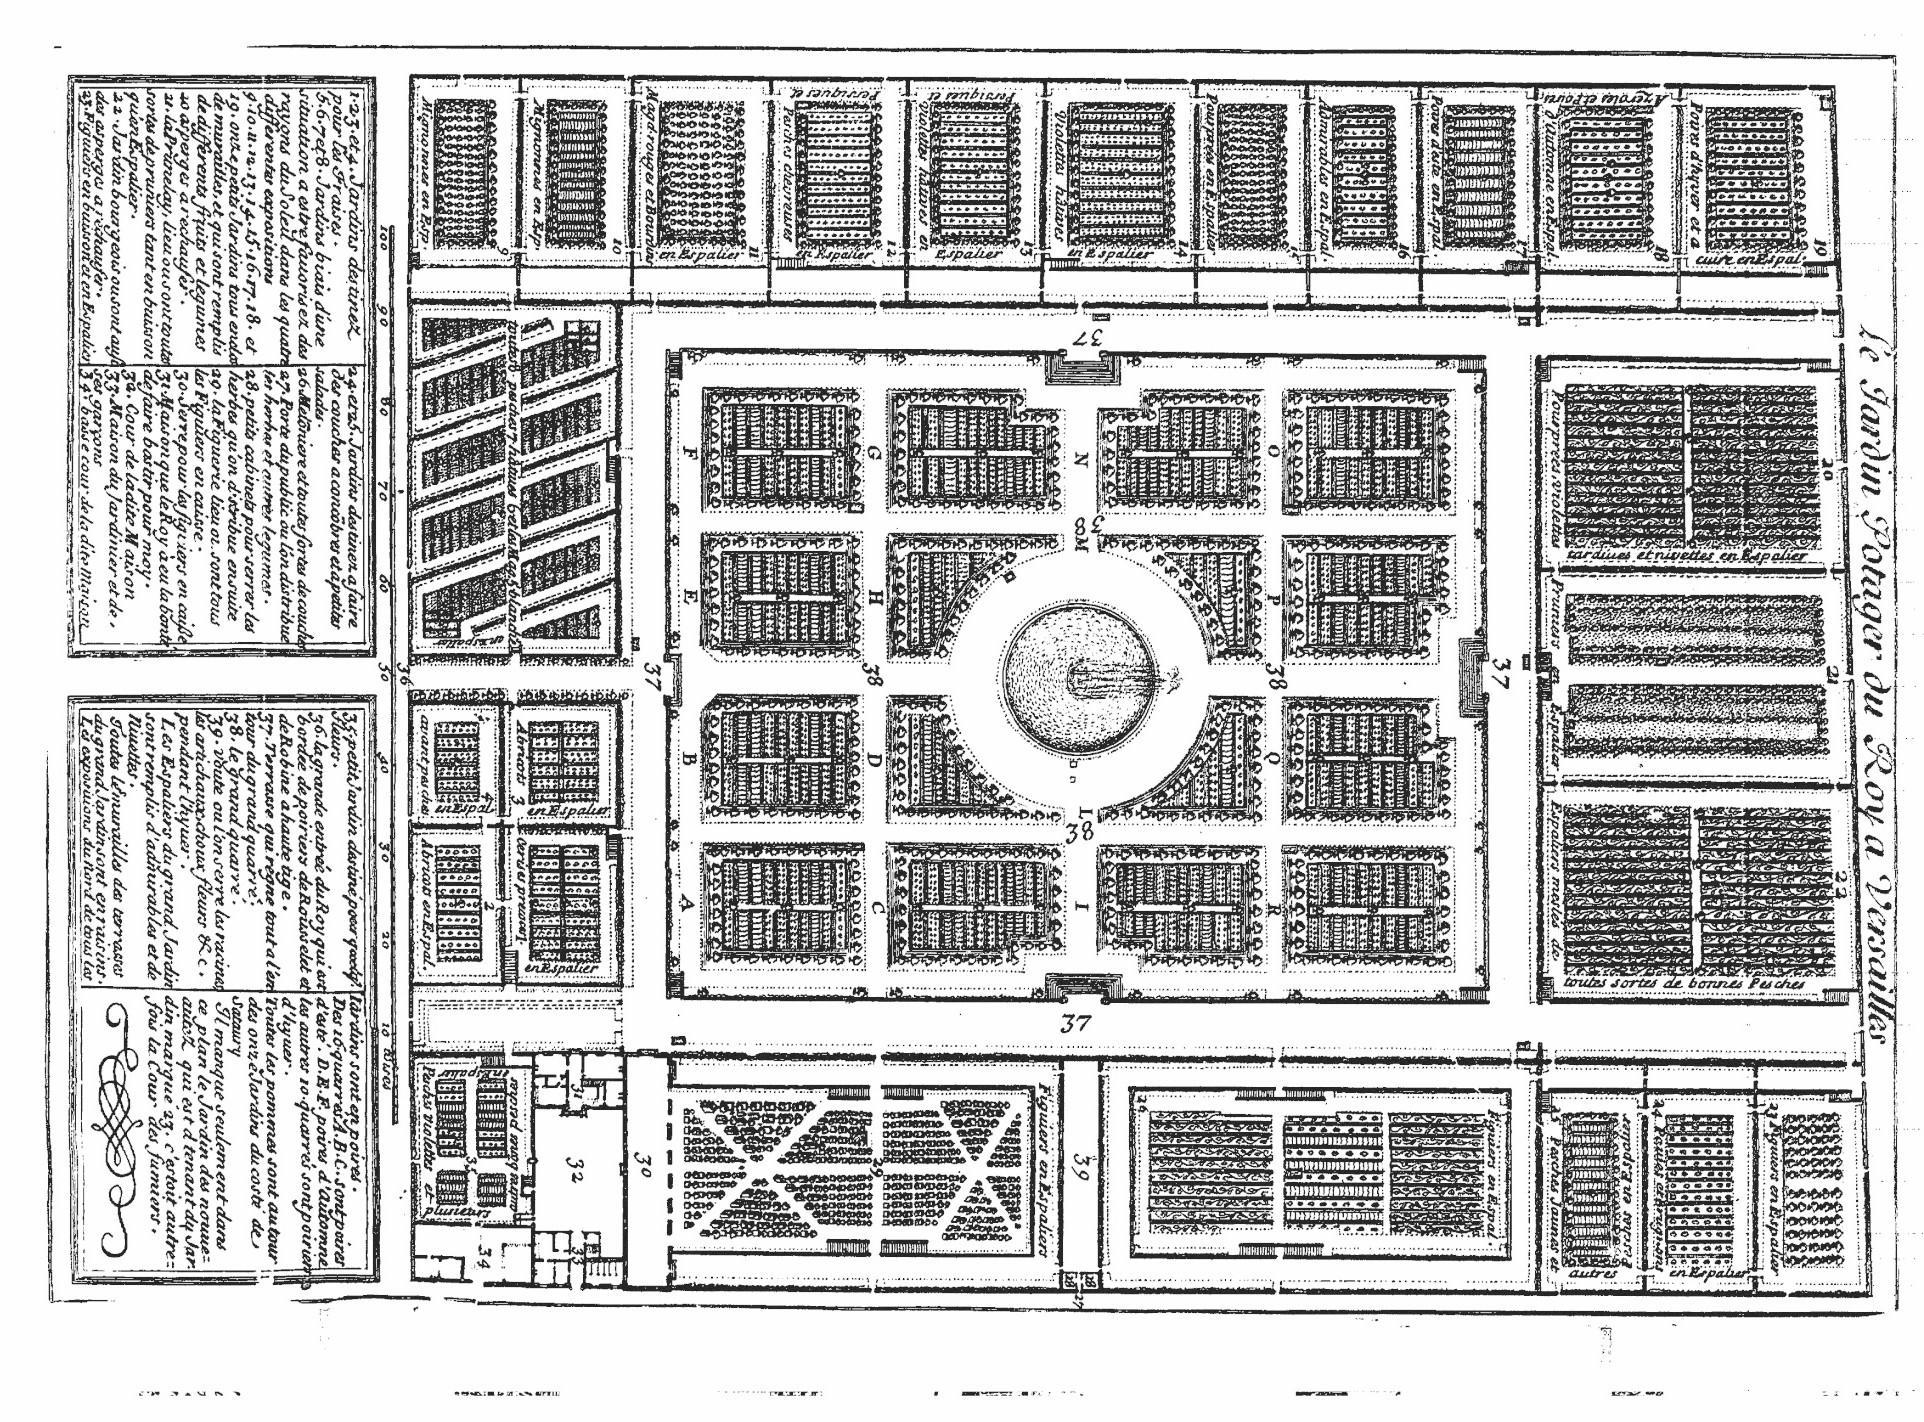 Jean-Baptiste de la Quintinie, jardin potager du roi à Versailles, plan daté de 1685